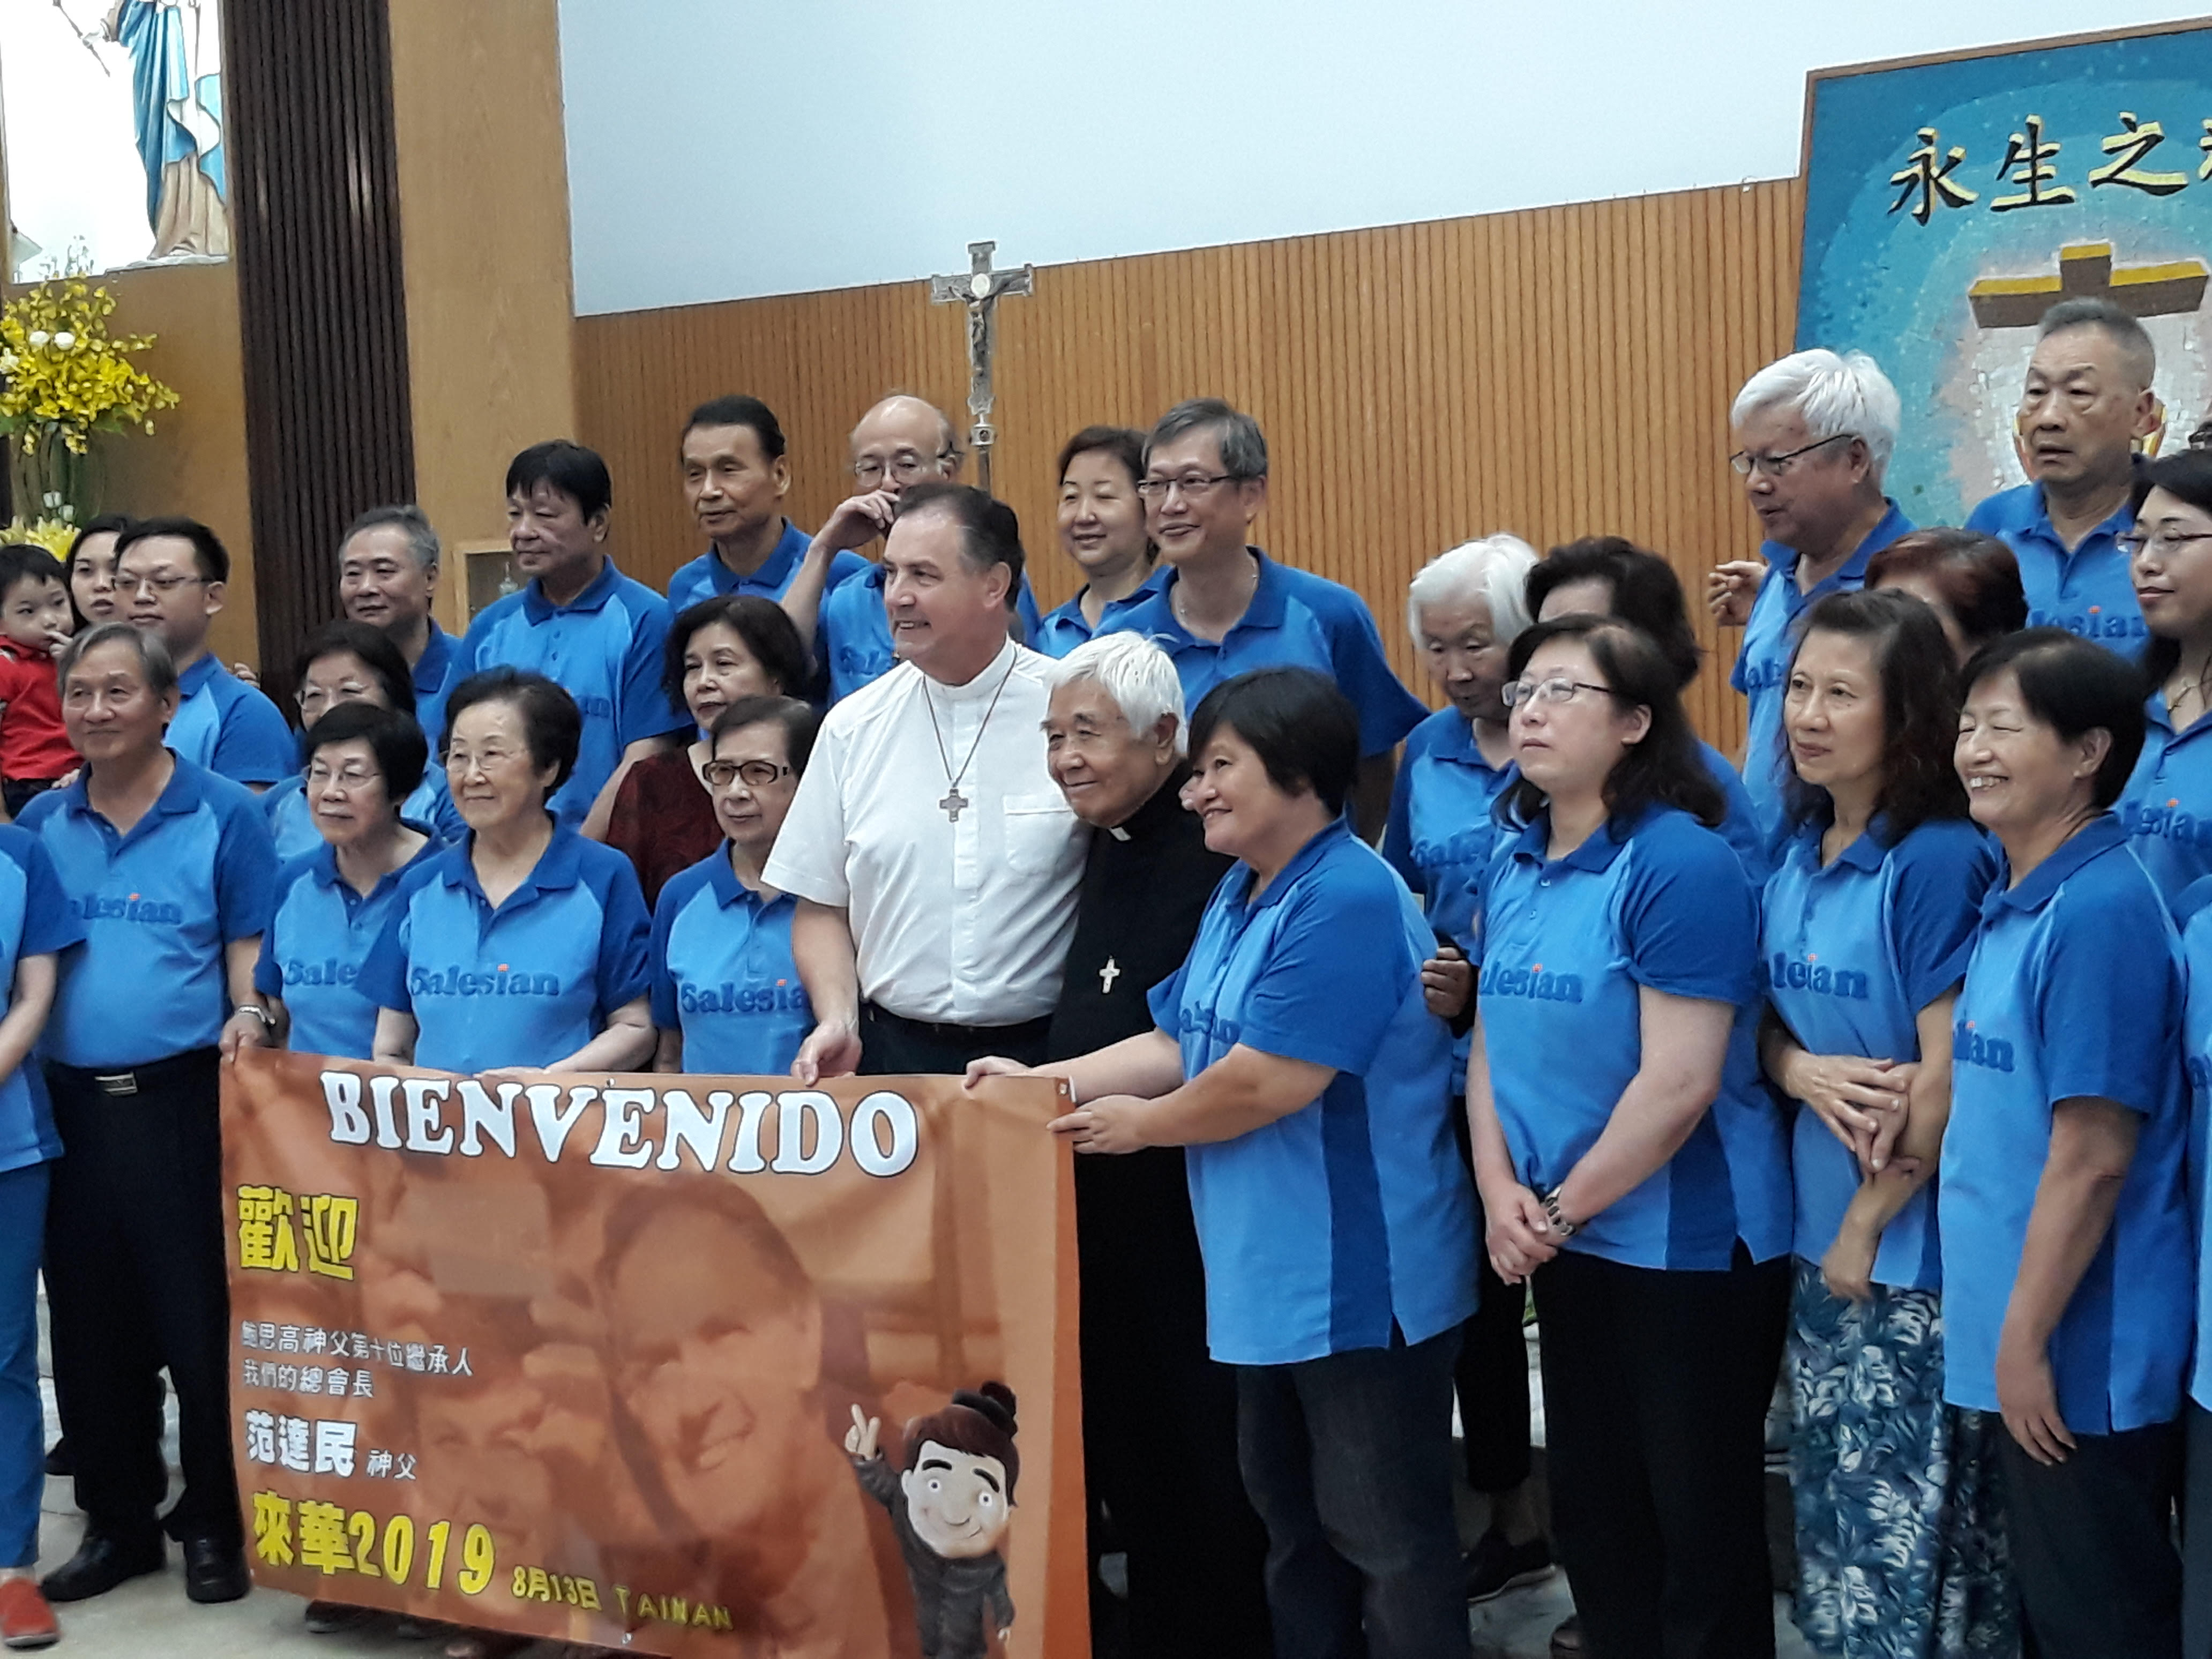 Phỏng vấn Đức Cha Joseph Ti-Kang, Tổng Giám Mục hưu trí của giáo phận Đài bắc, cũng là một Cộng tác viên Salêdiêng